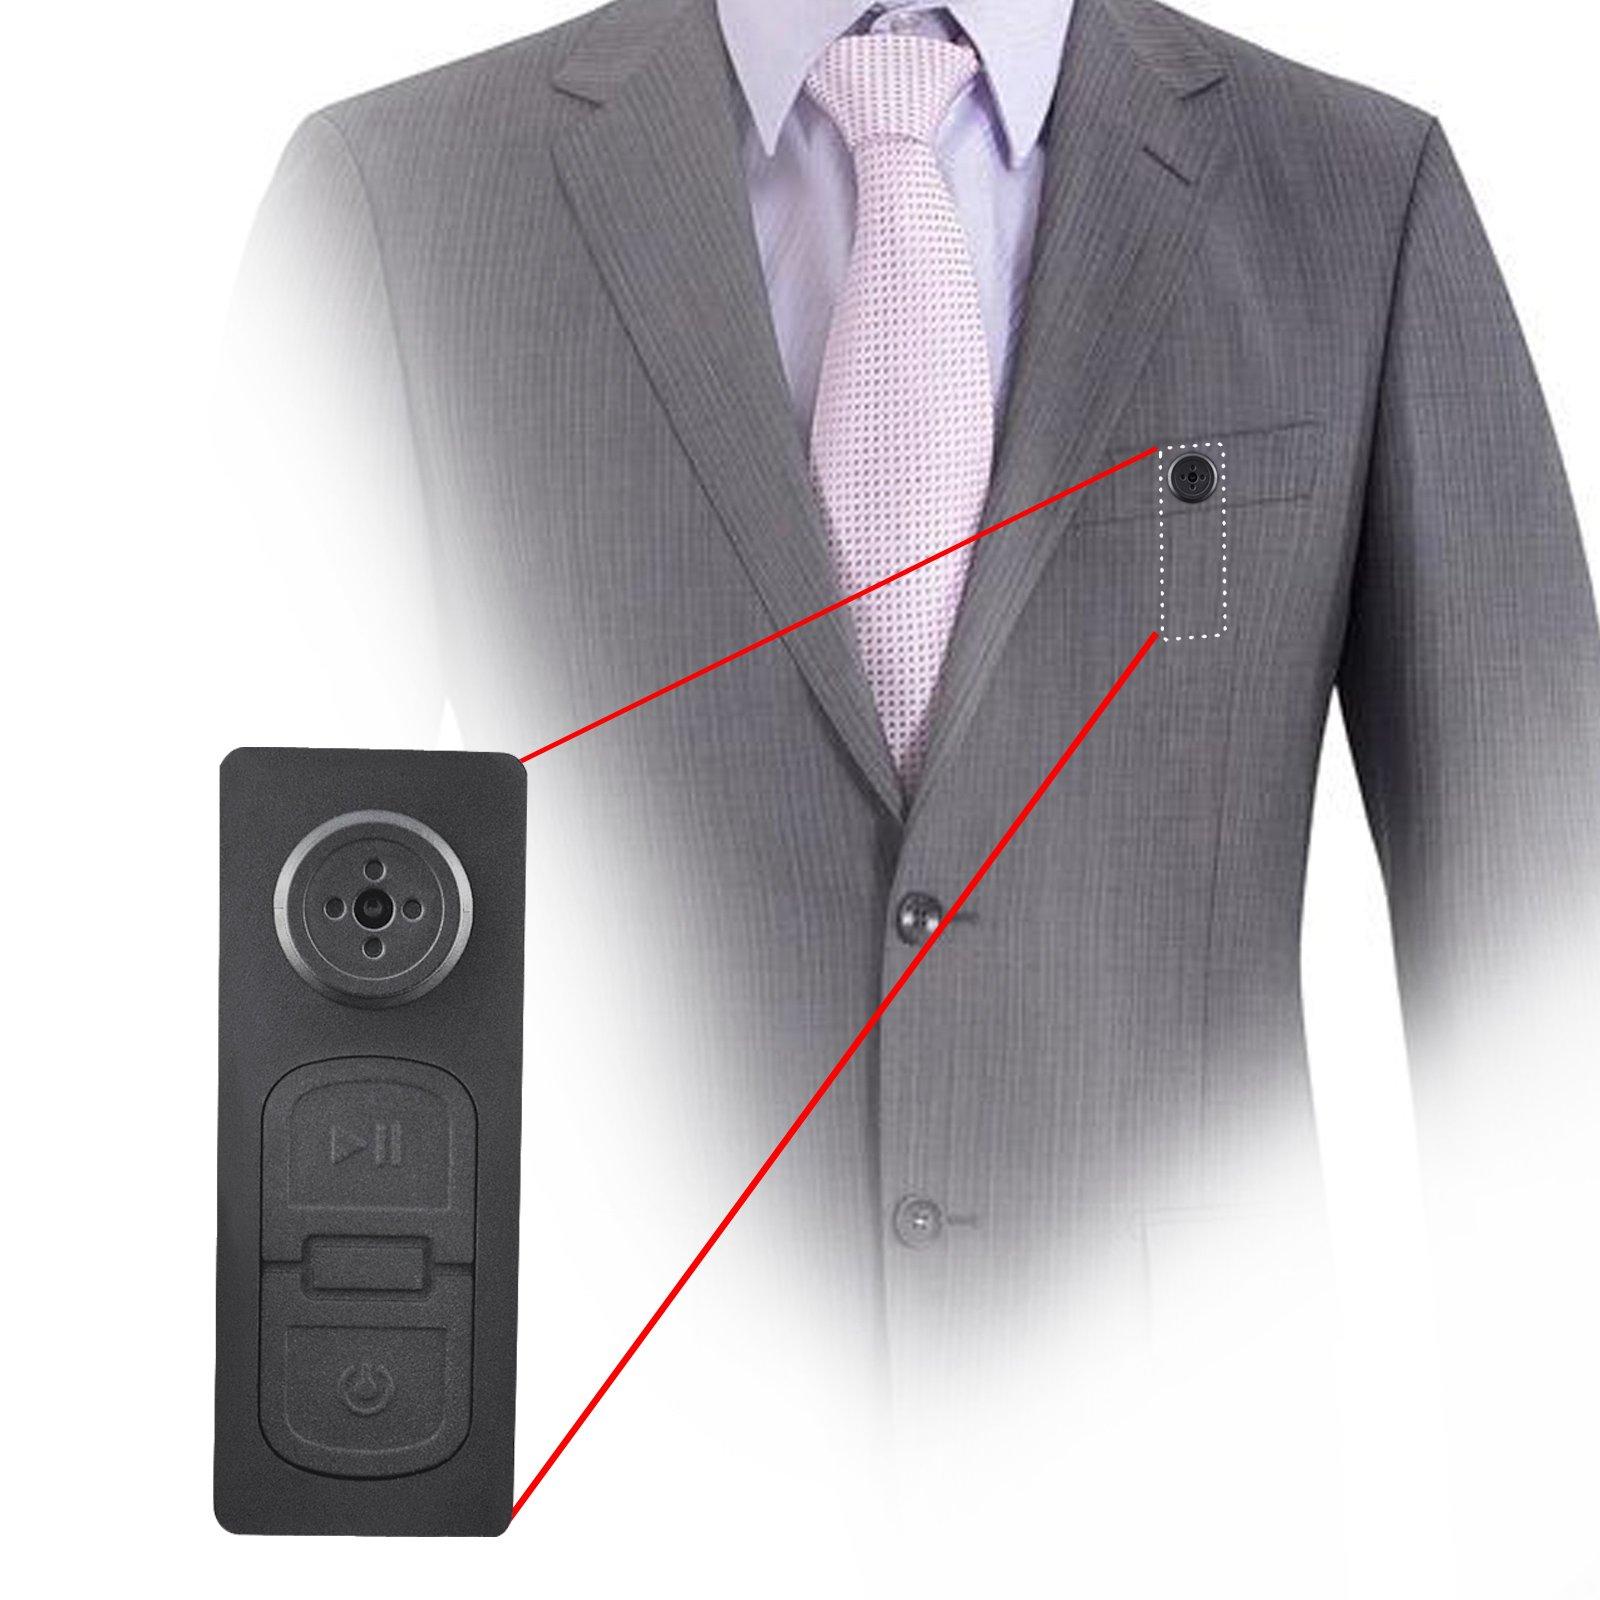 Mini Boton Con Cámara Espía Video Grabadora Con Audio